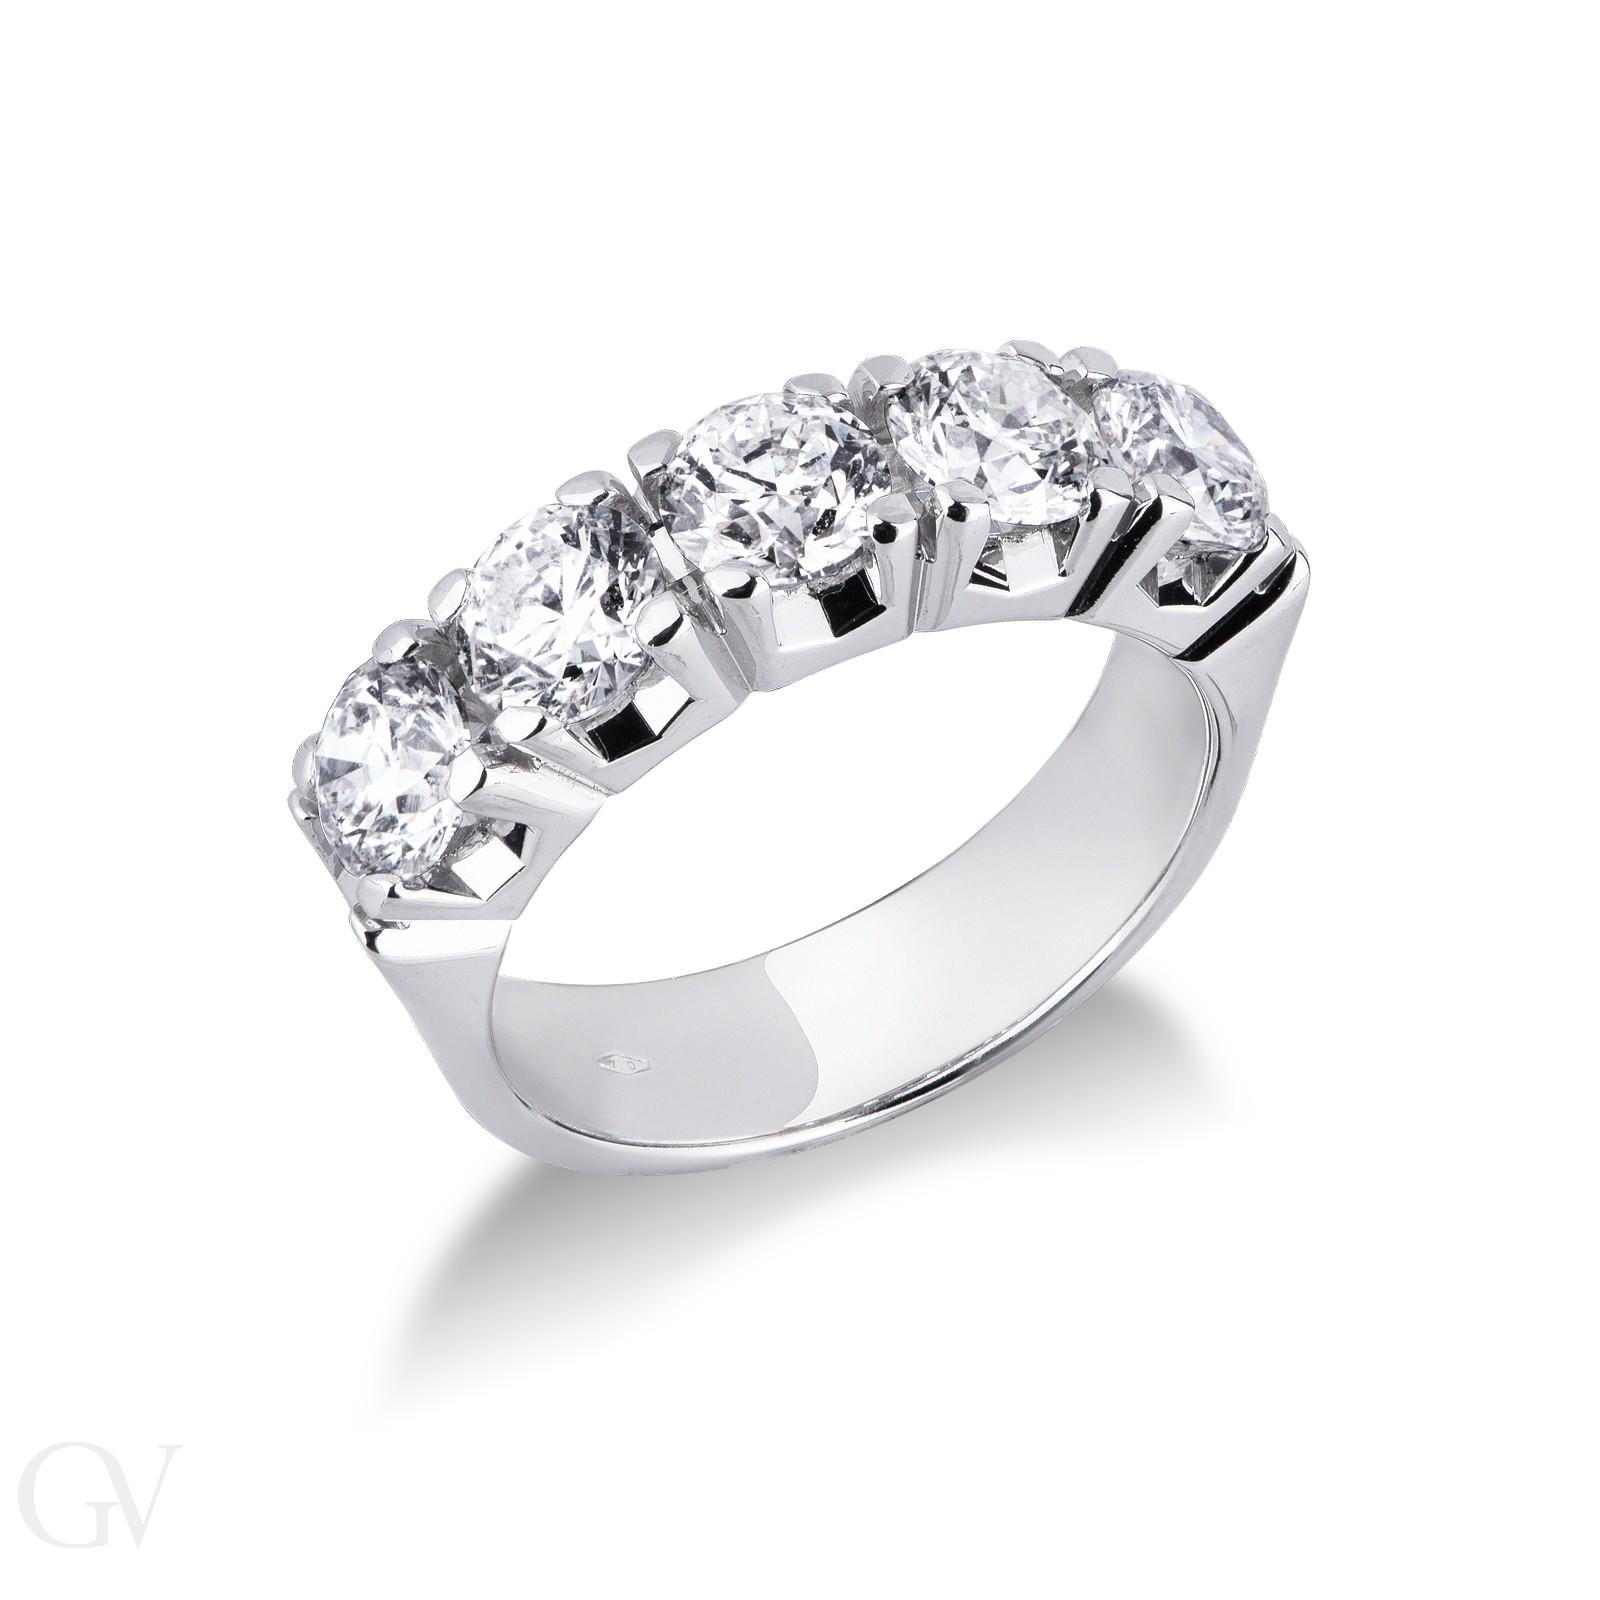 Anello Veretta a 5 pietre in Oro bianco 18k con Diamanti ct. 2,50